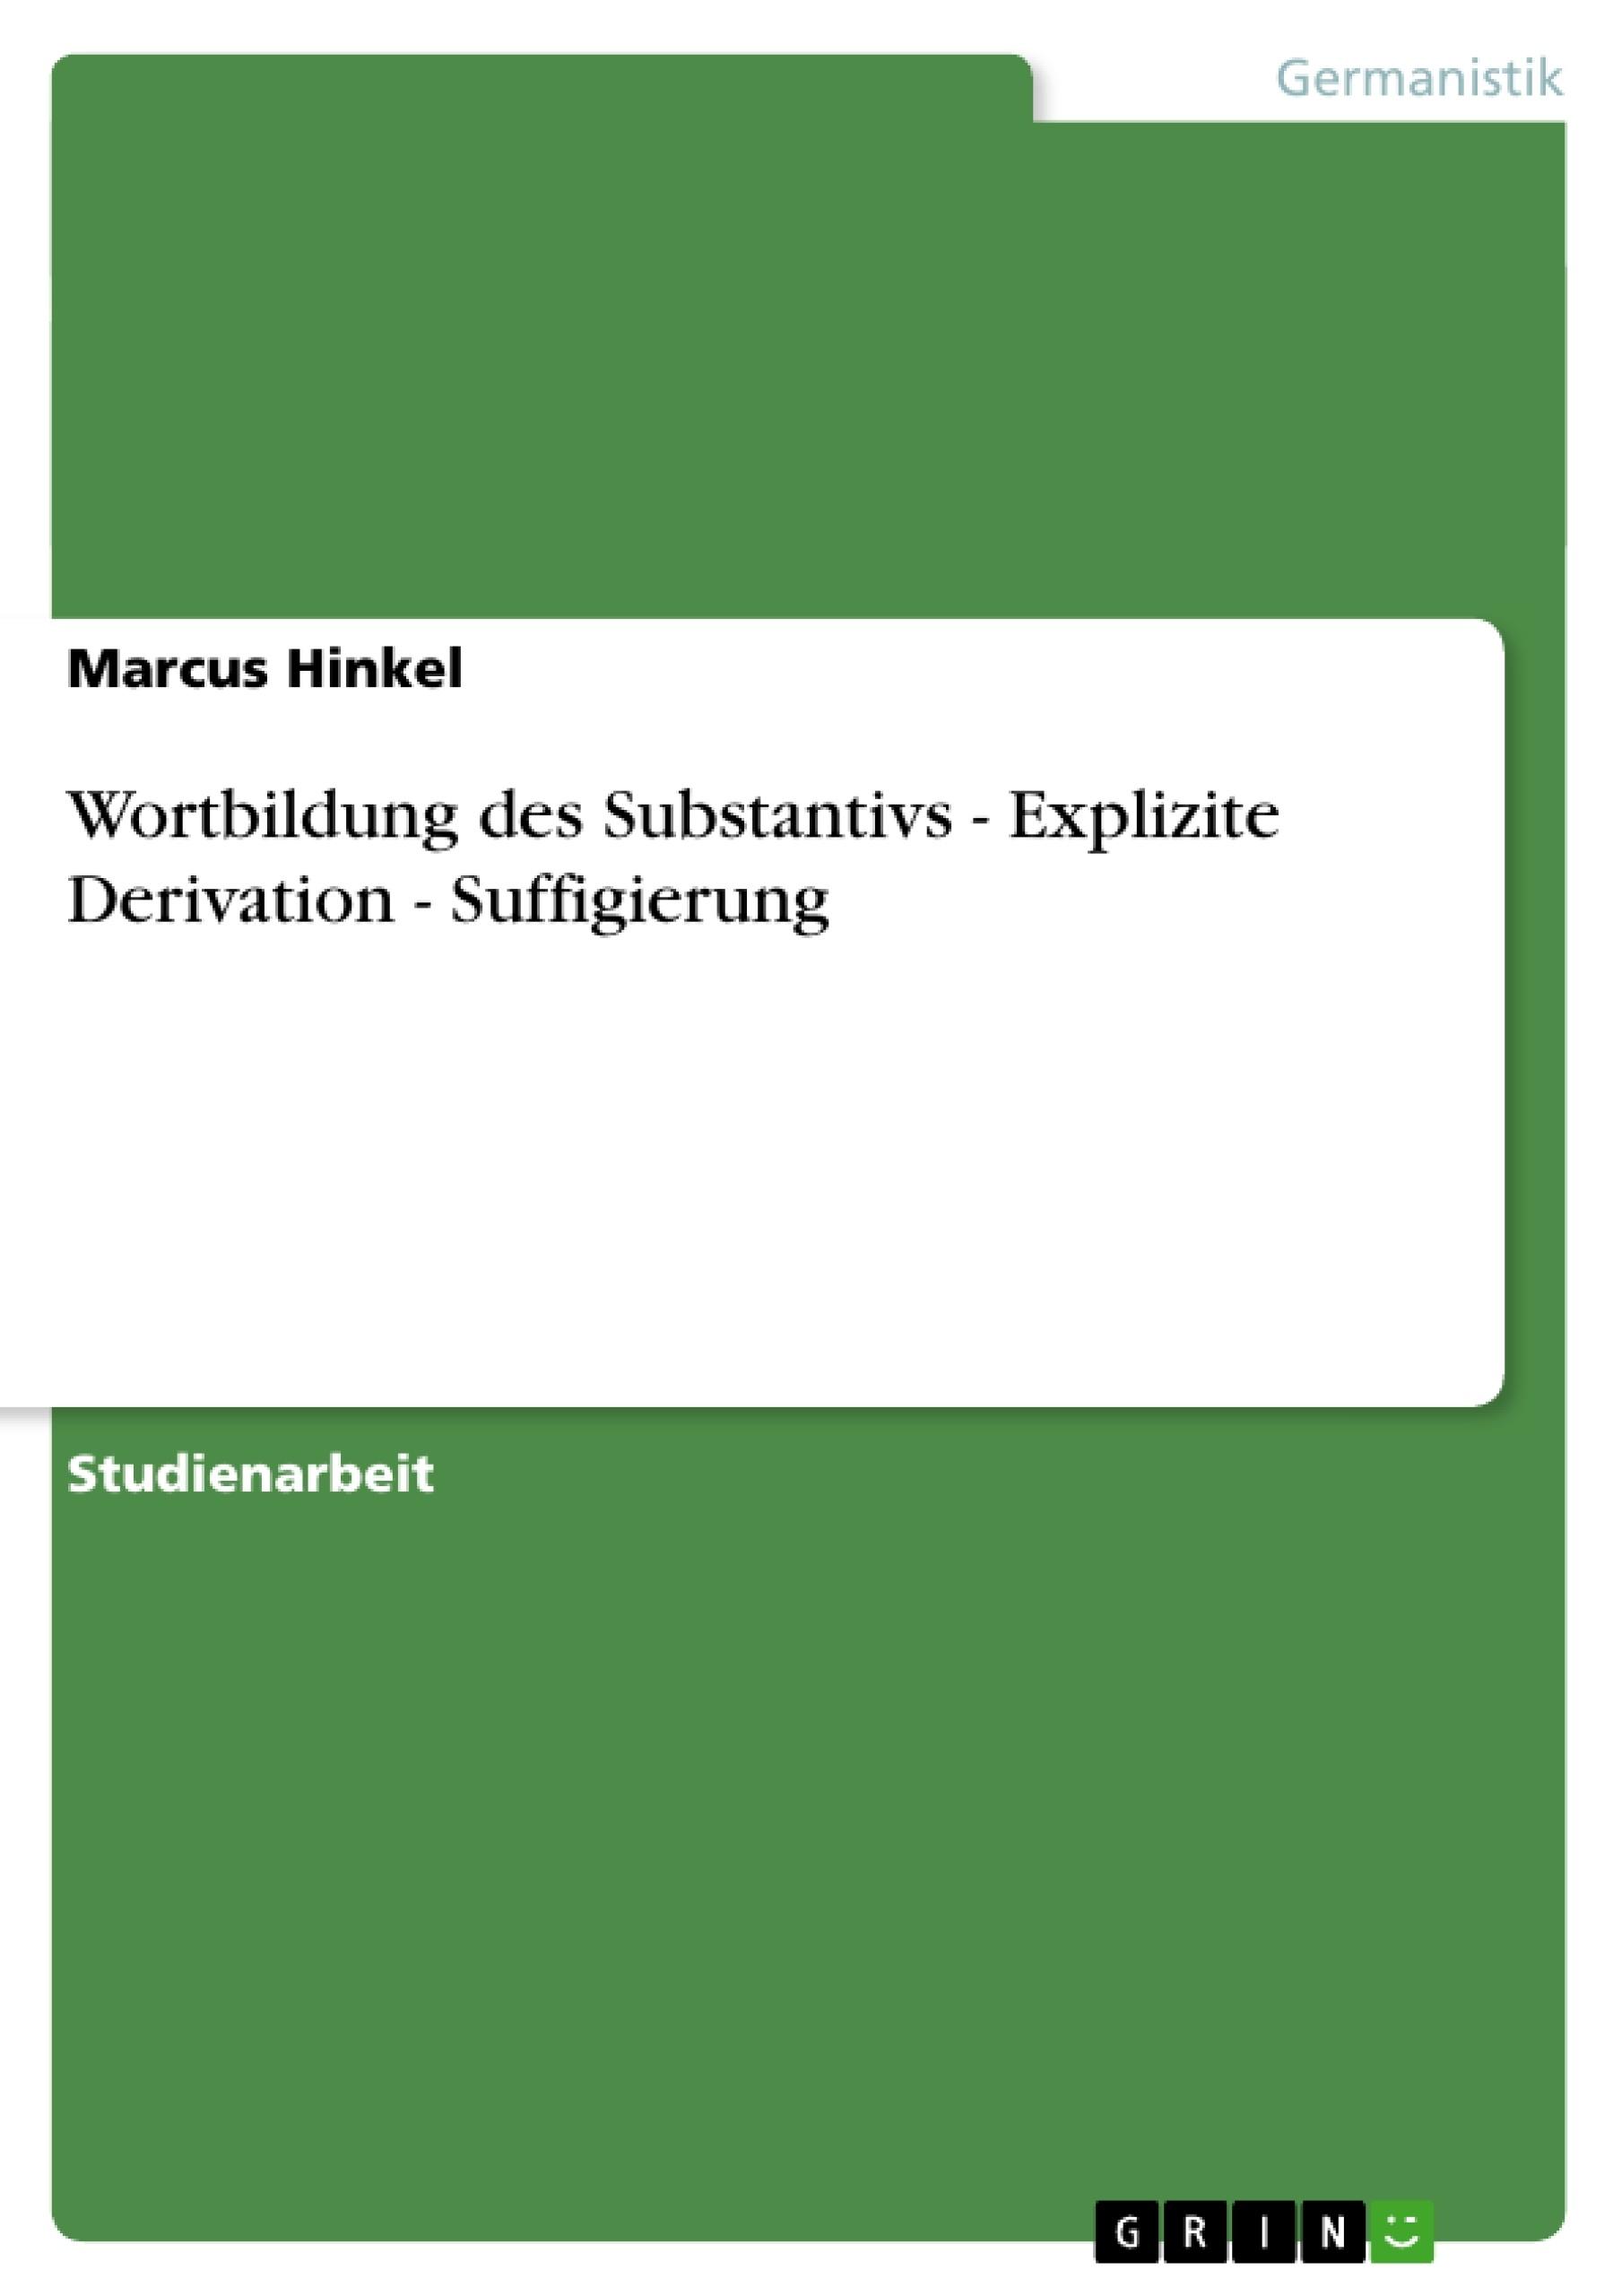 Titel: Wortbildung des Substantivs - Explizite Derivation - Suffigierung